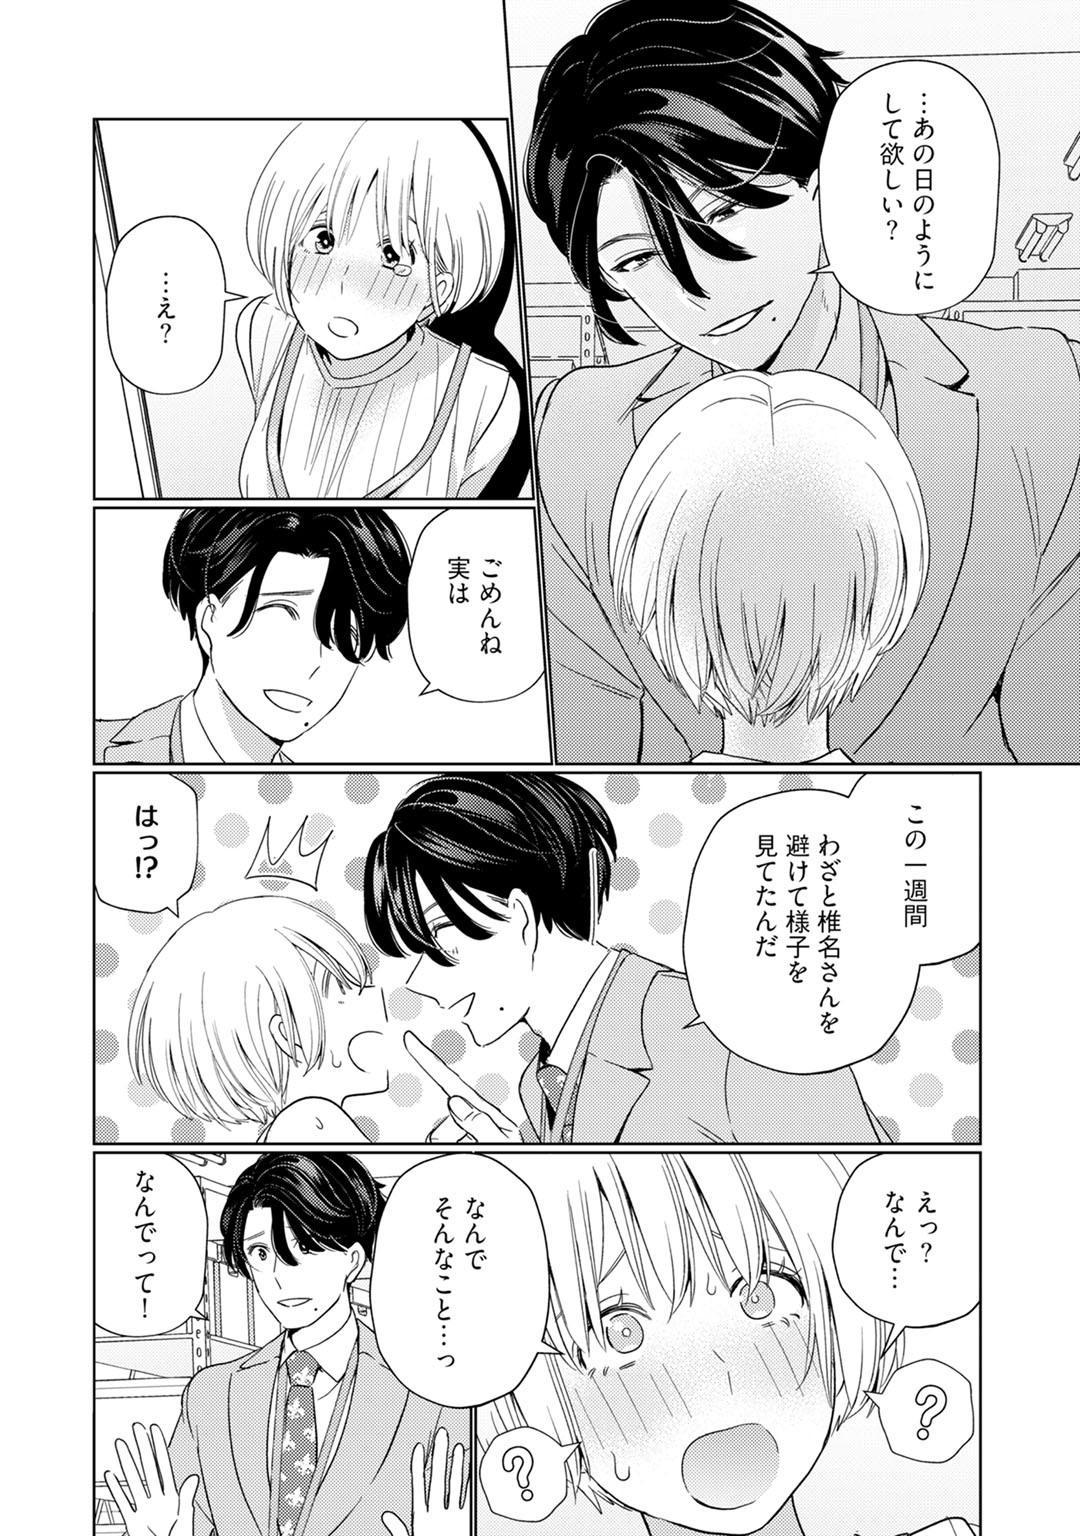 [Okonogi Happa] Kyonyuu-chan to Kyokon Joushi -Kaisha de Musabori Sex- act. 2 17